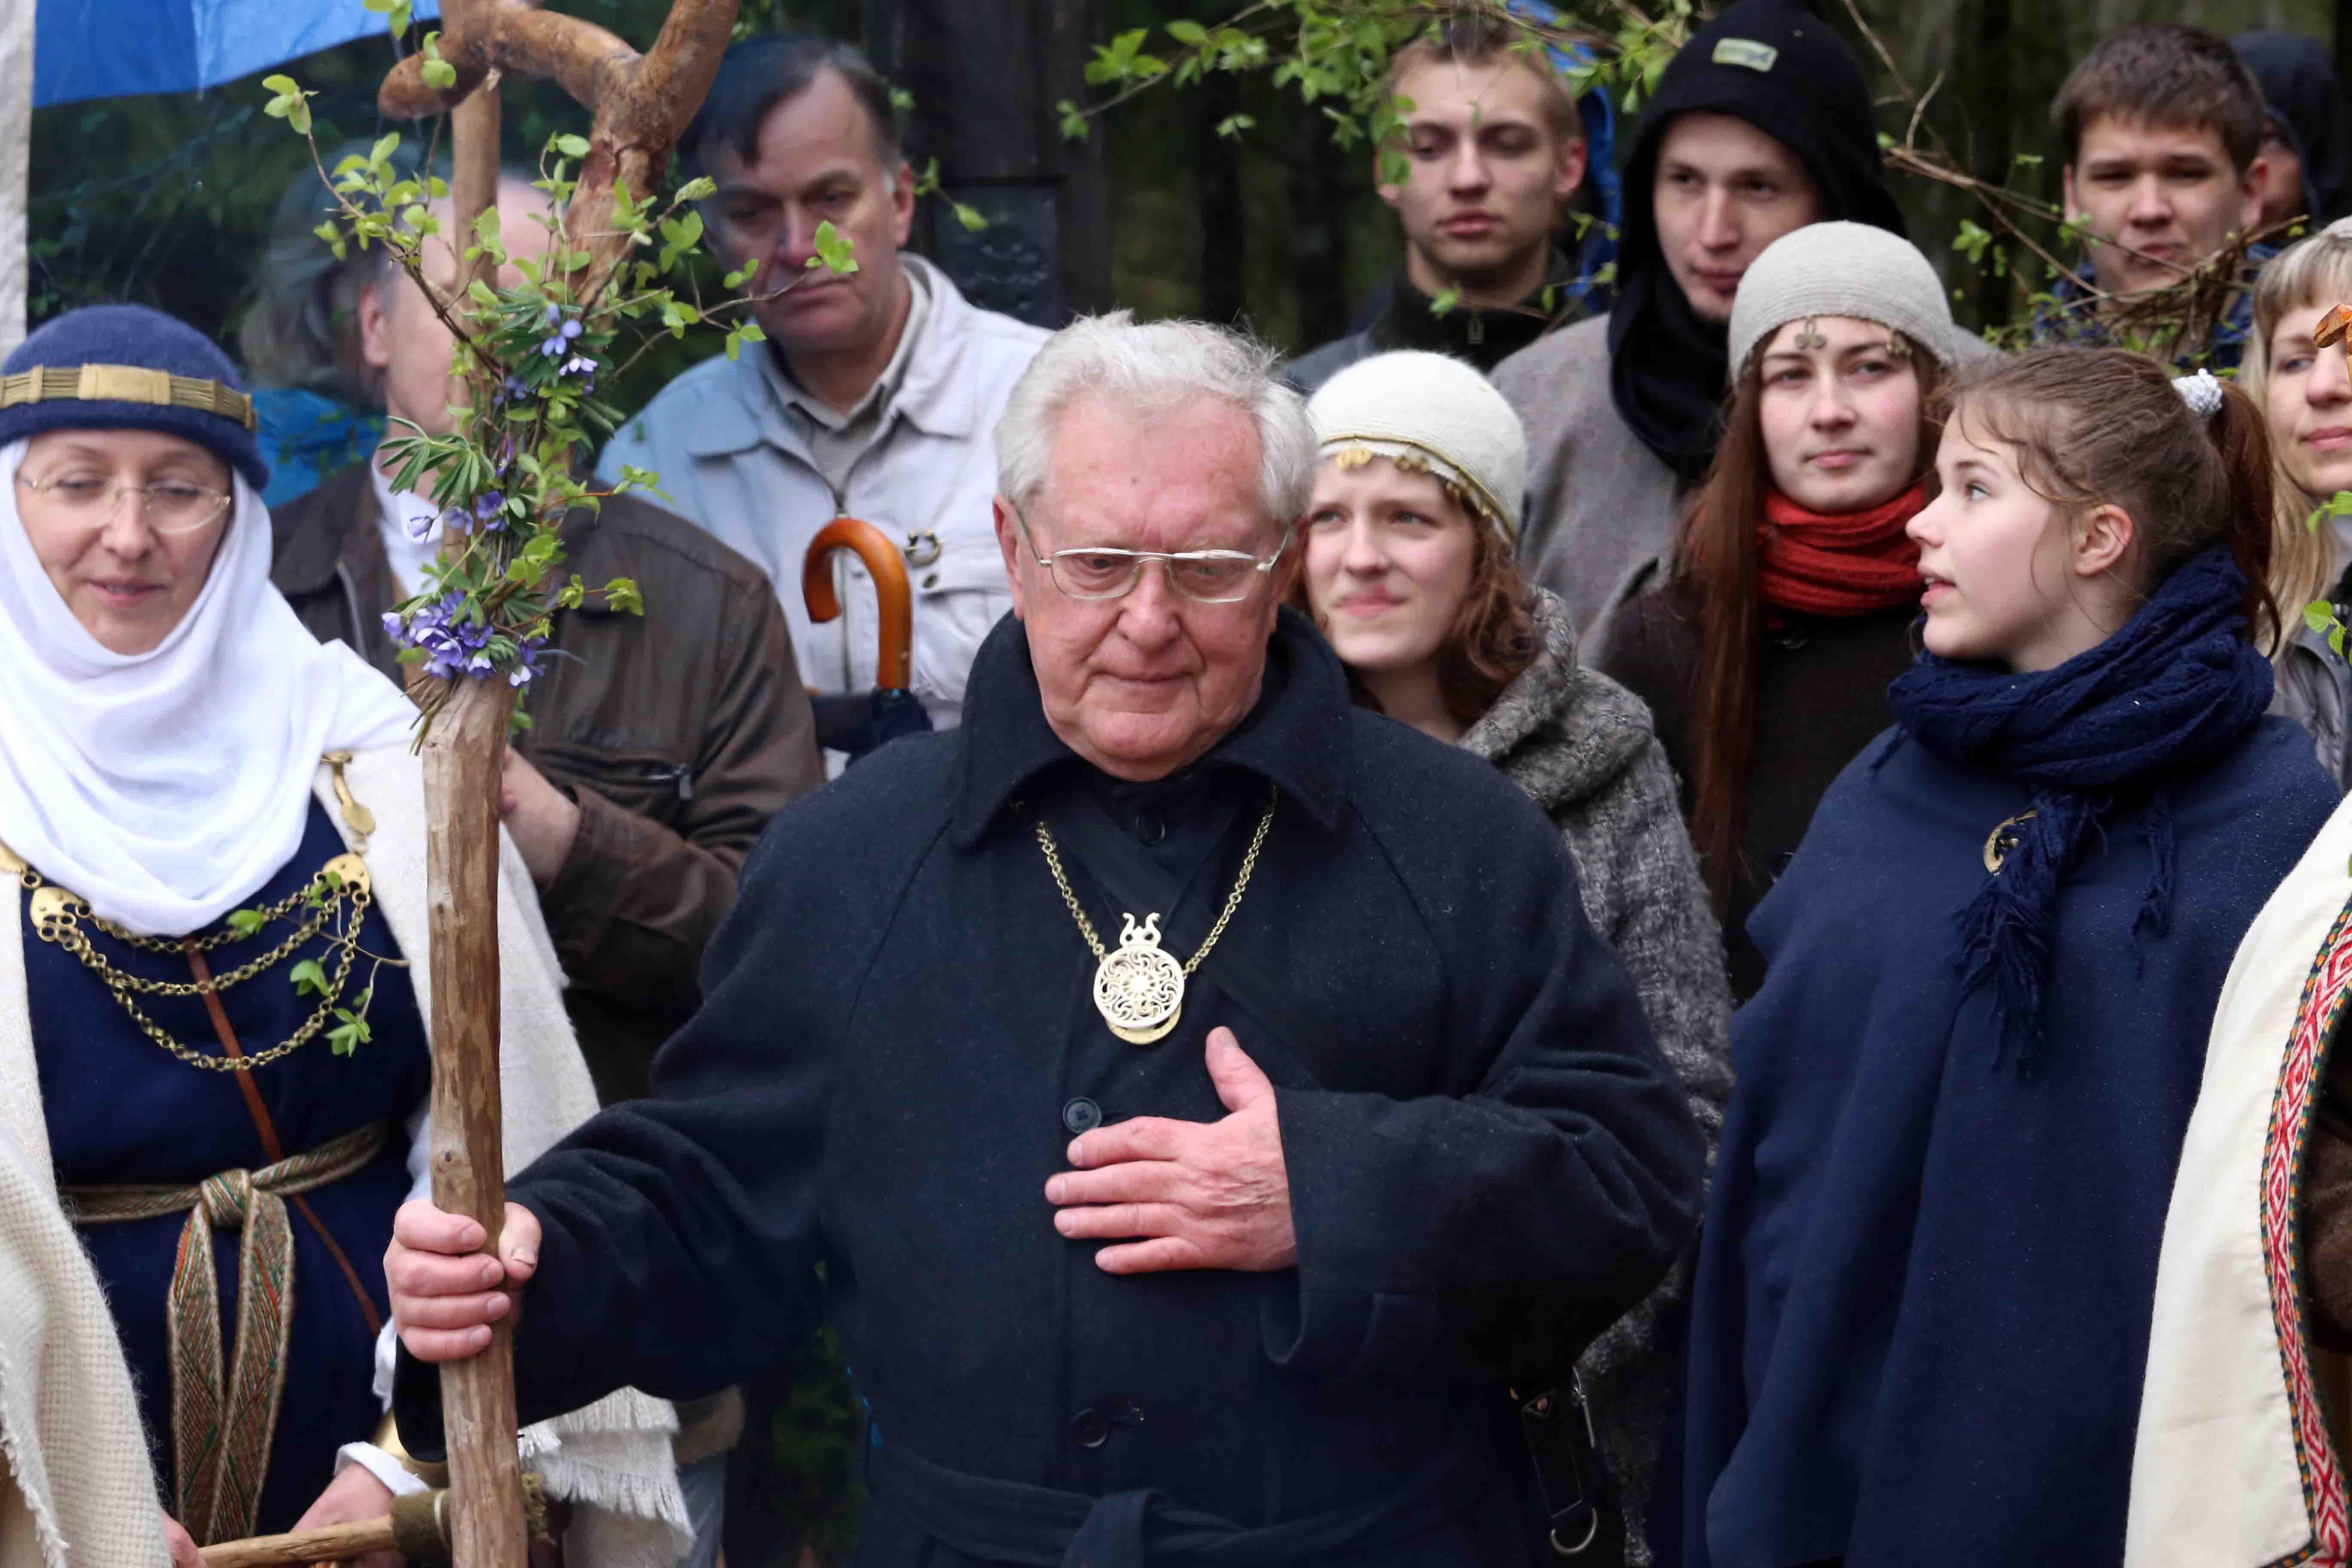 Akademikui Romualdui Grigui įteiktas Garbės Vaidilos ženklas | Alkas.lt, A.Sartanavičiaus nuotr.